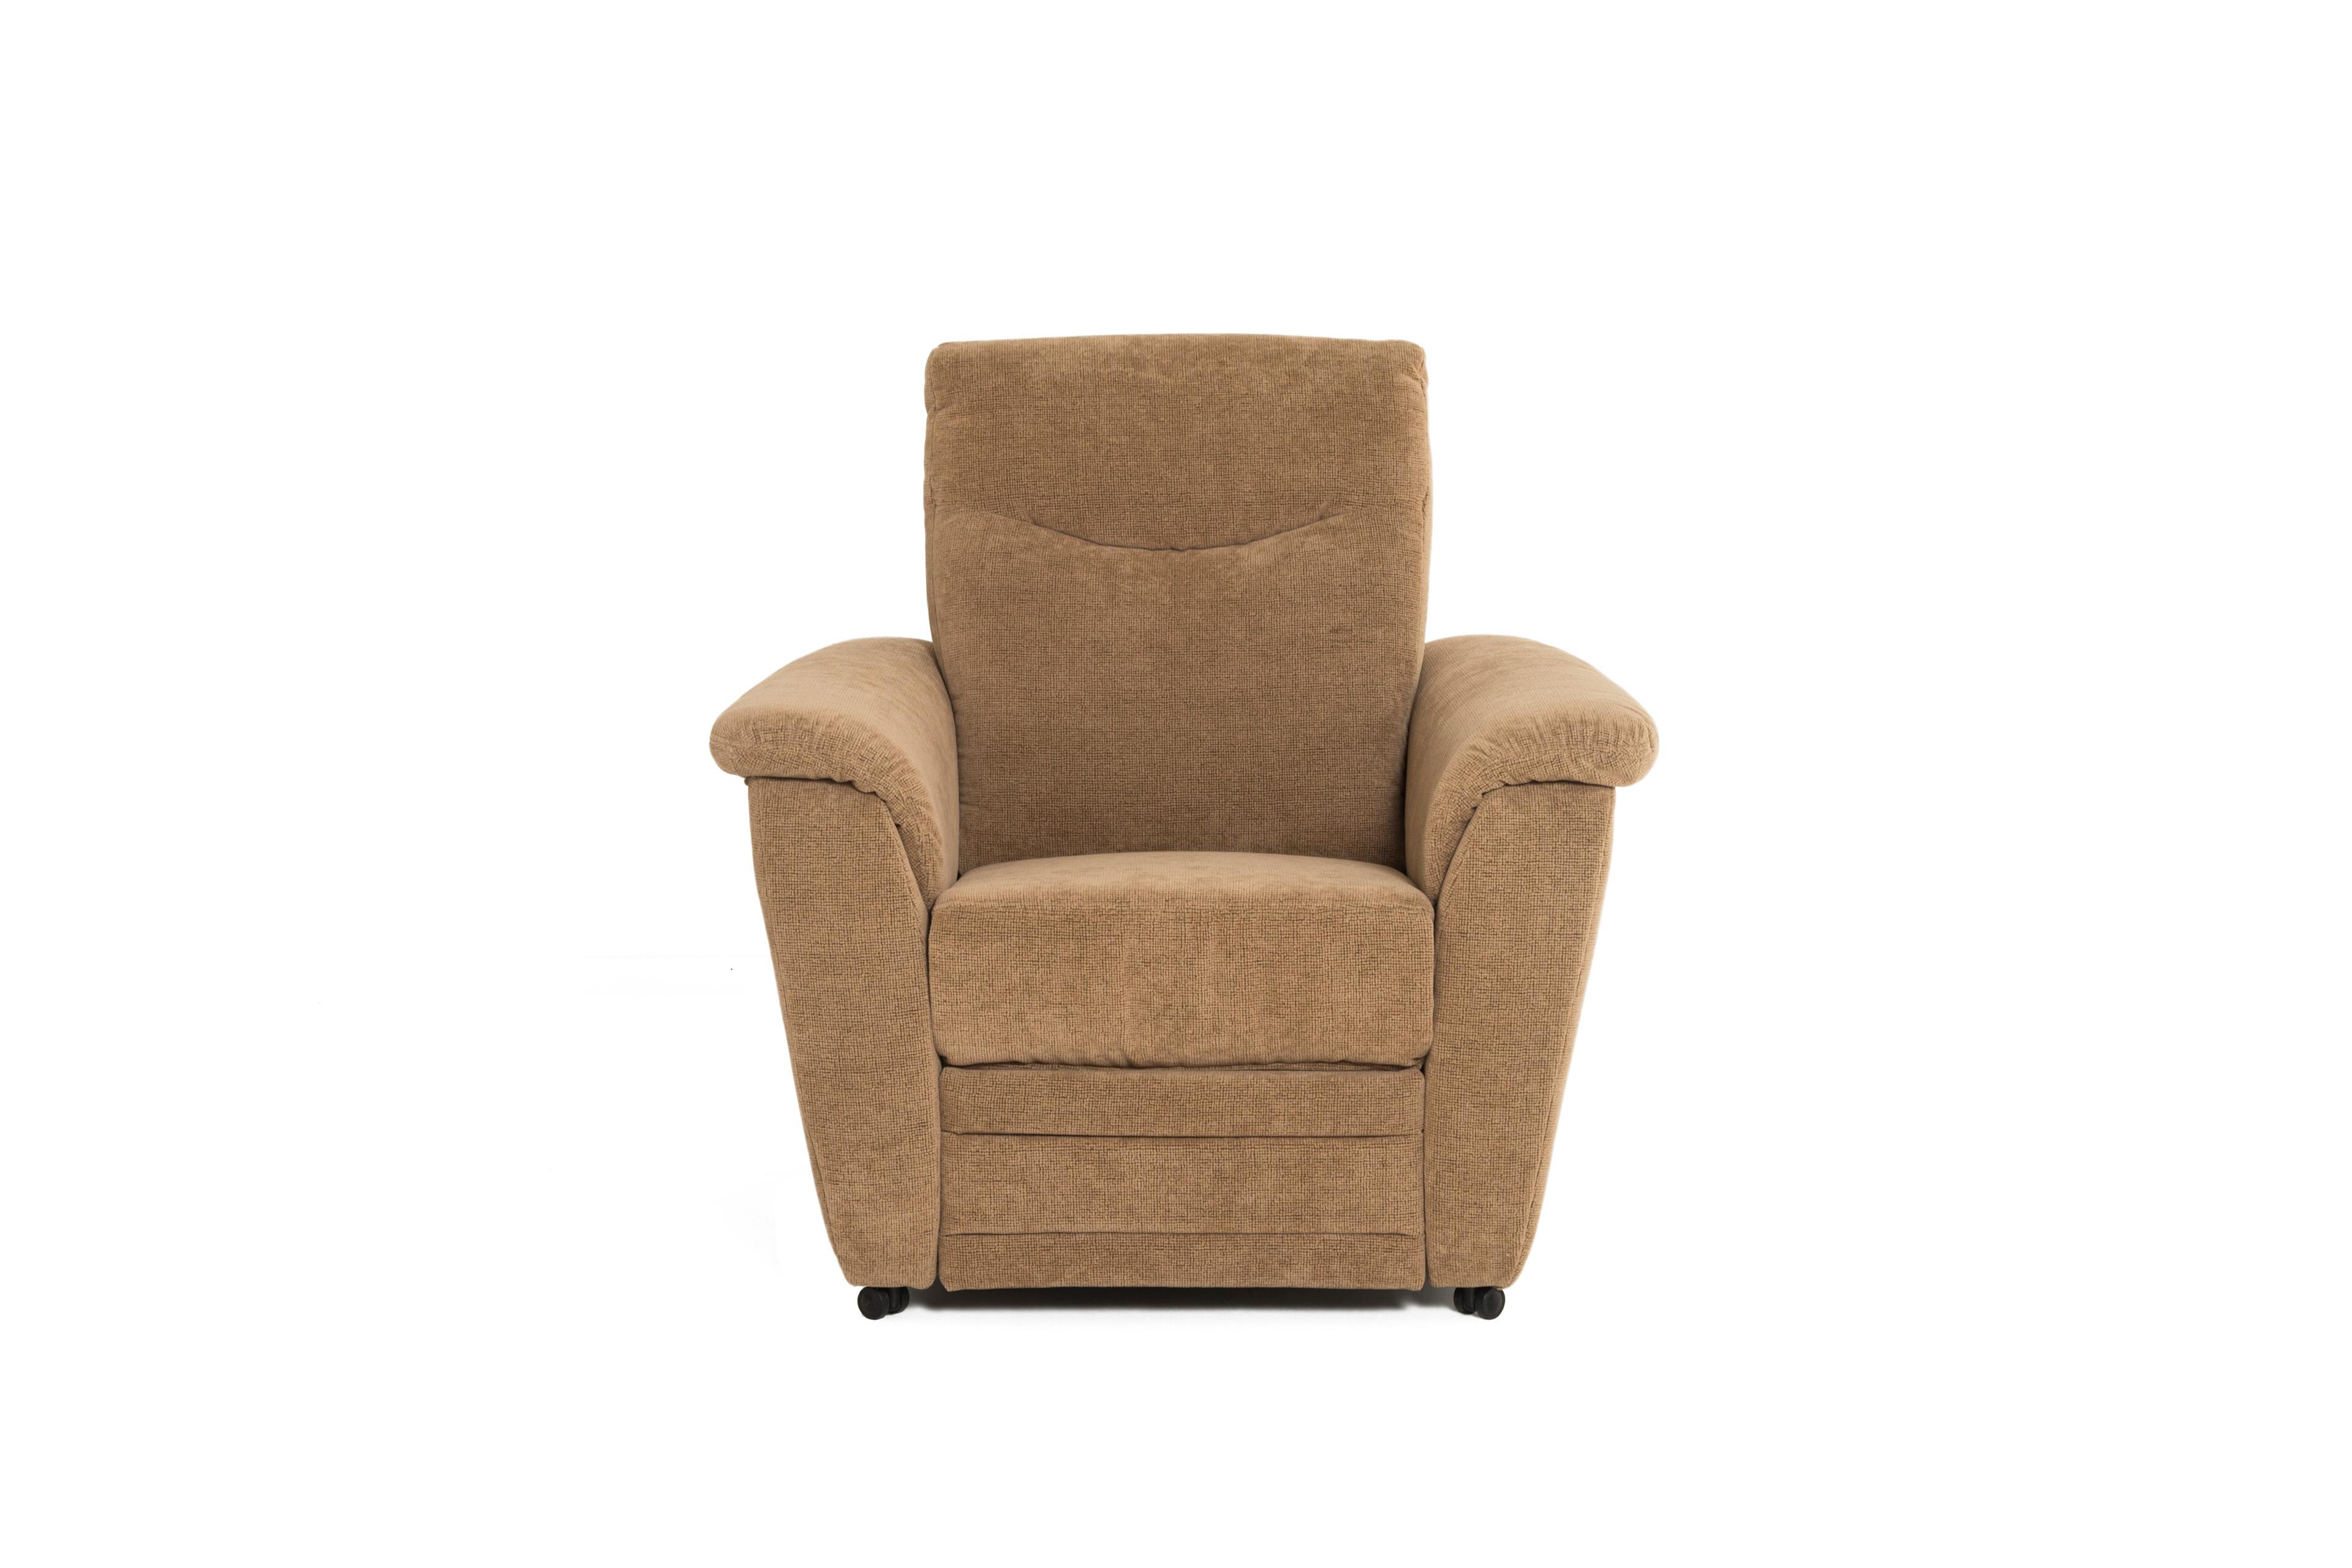 pm oelsa ecksofa saskia in beige m bel letz ihr online. Black Bedroom Furniture Sets. Home Design Ideas